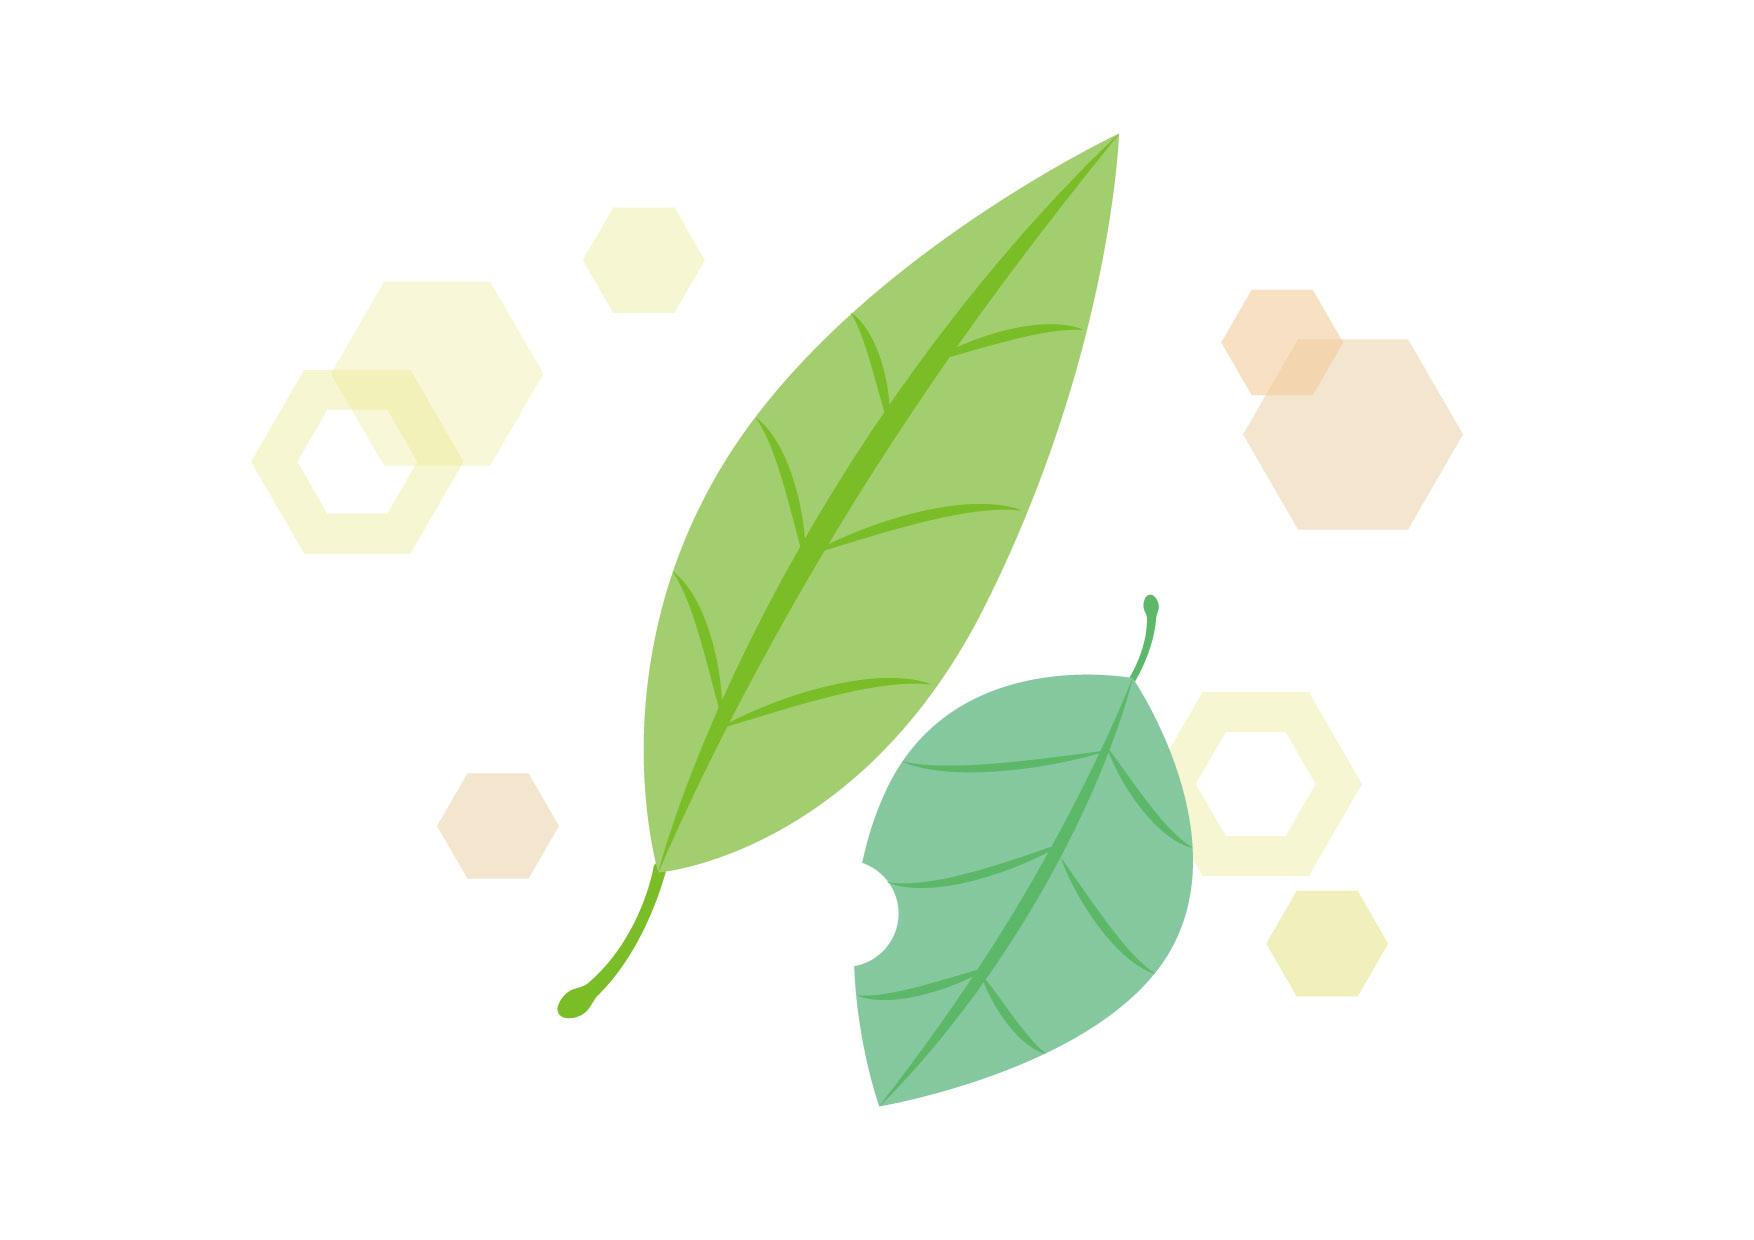 可愛いイラスト無料|落ち葉 緑 キラキラ − free illustration Fallen leaves green glitter